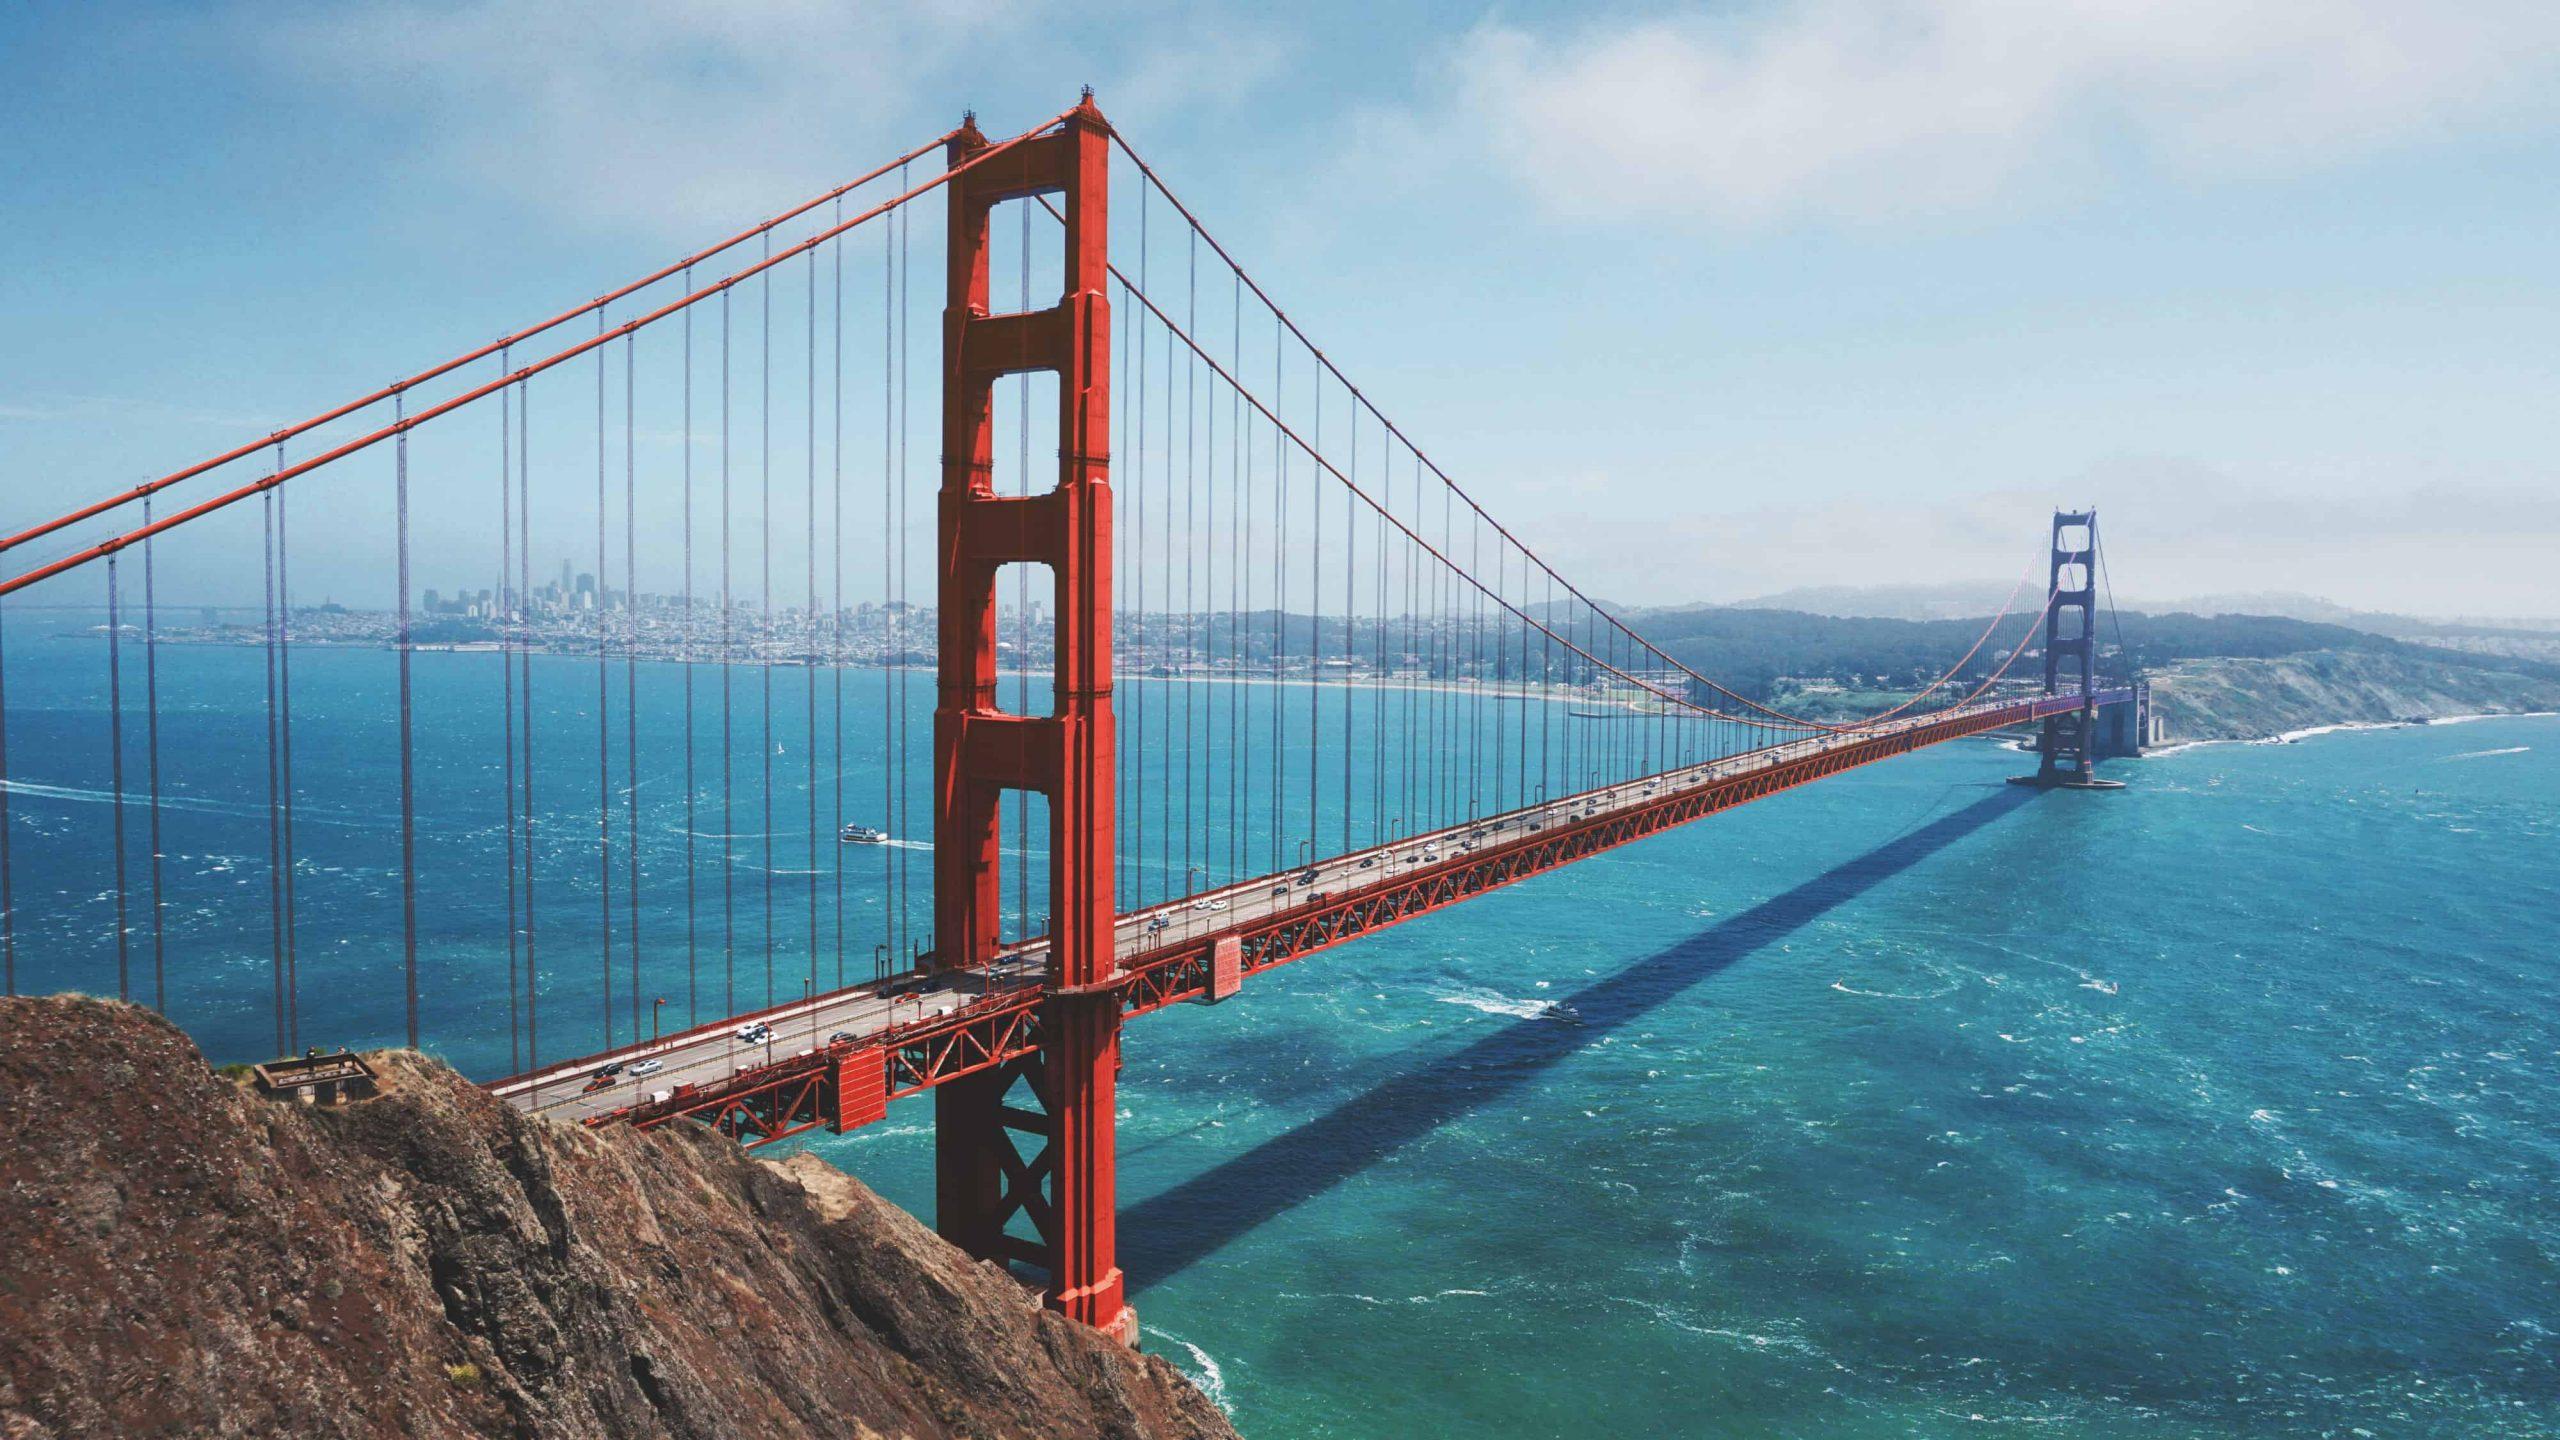 Rundreise Kalifornien: Empfehlungen & Vergleich (07/21)